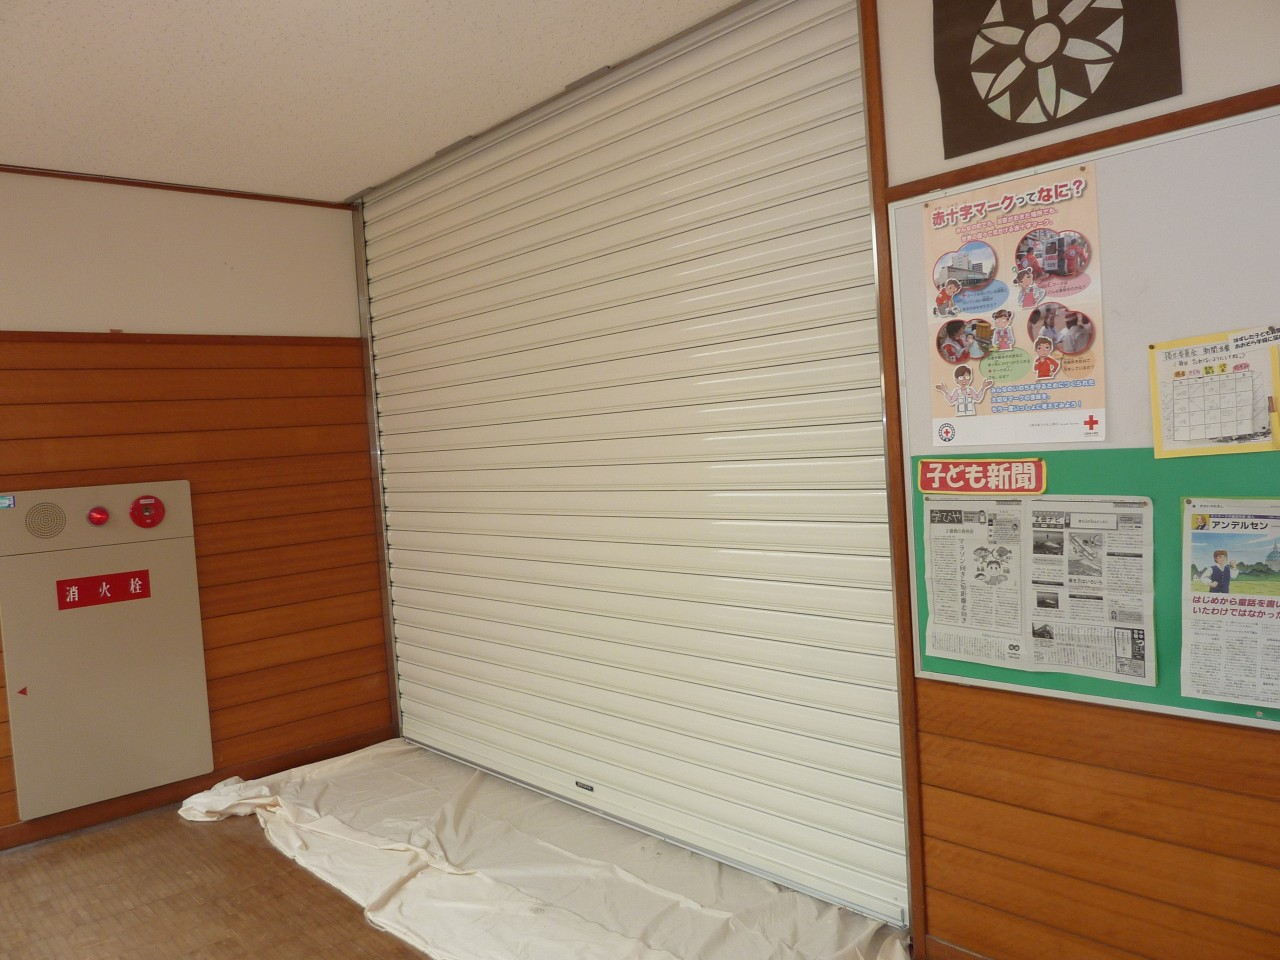 【西脇市リフォーム】防火シャッター修理施工後